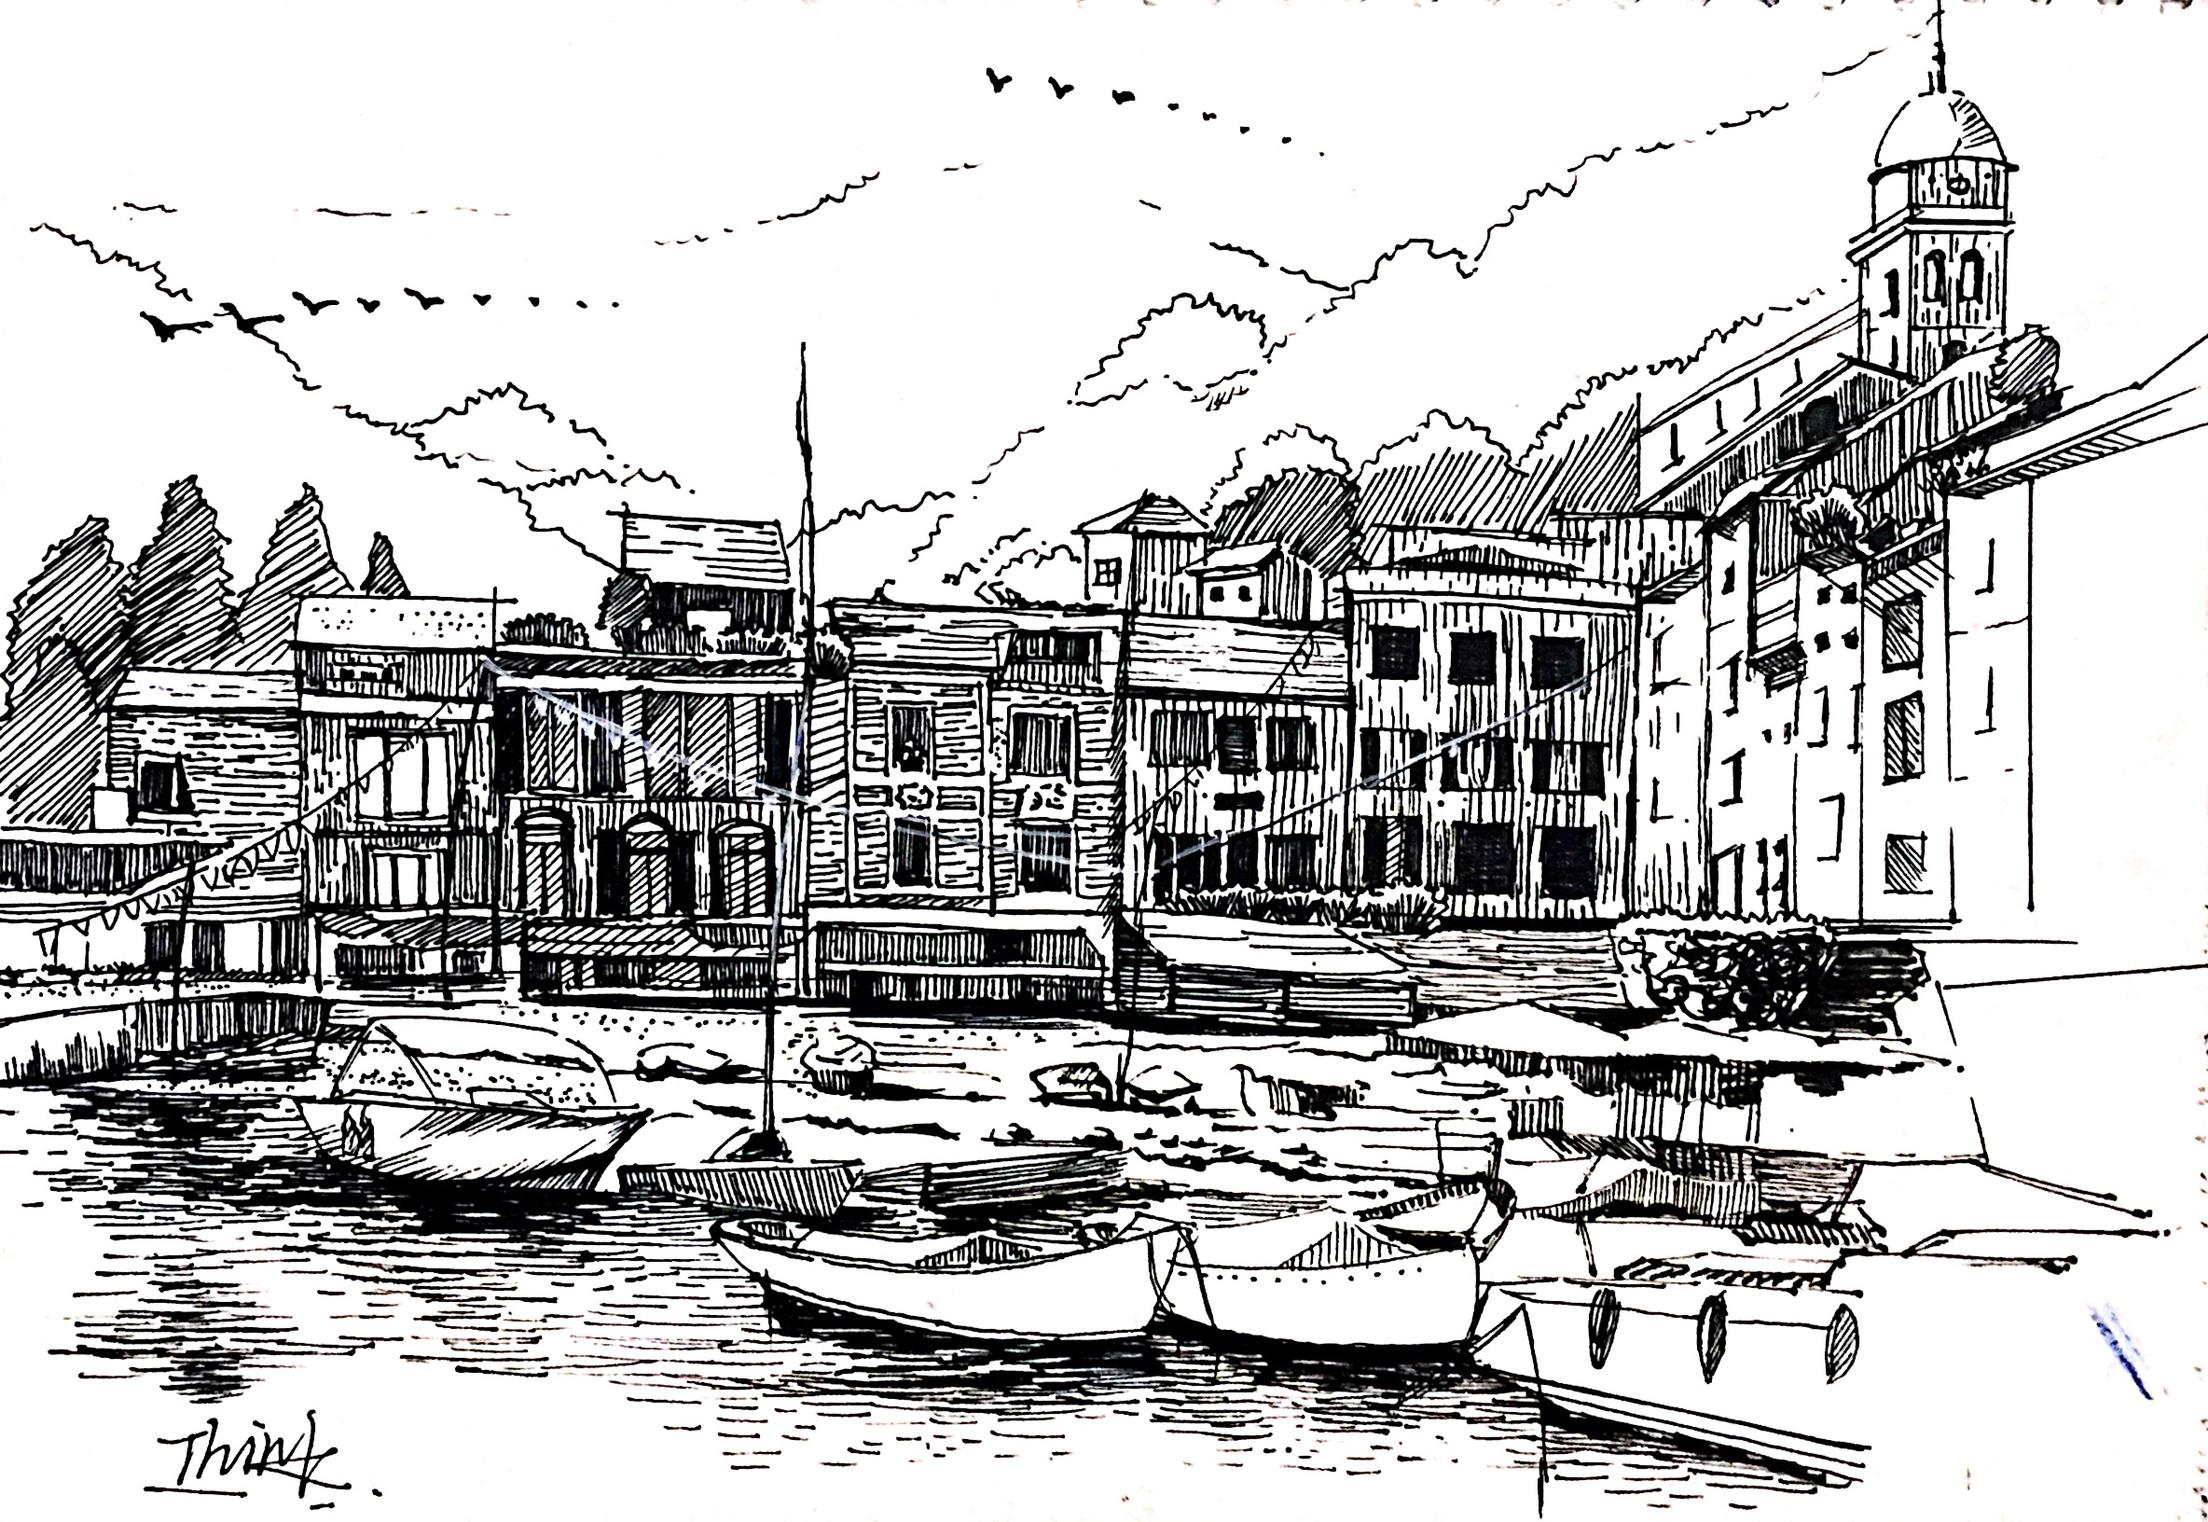 钢笔画建筑,黑白画.扫描版.图片